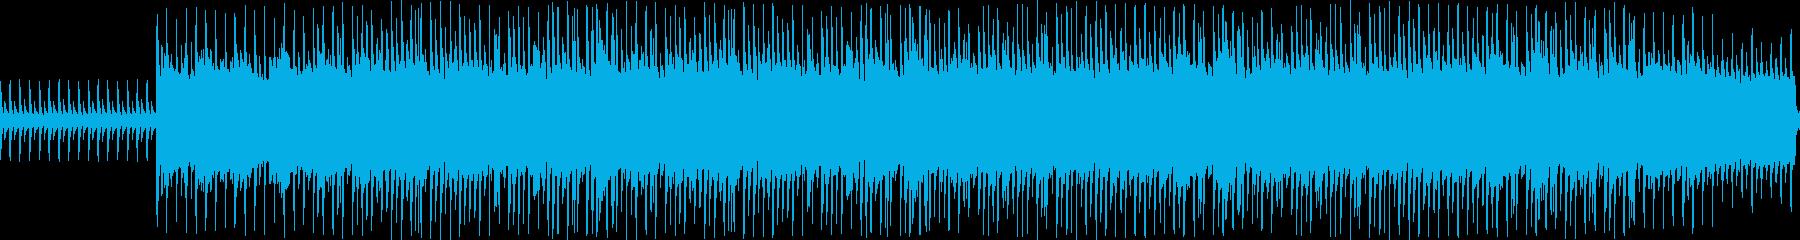 シンセとマリンバののんびりしたループ曲の再生済みの波形